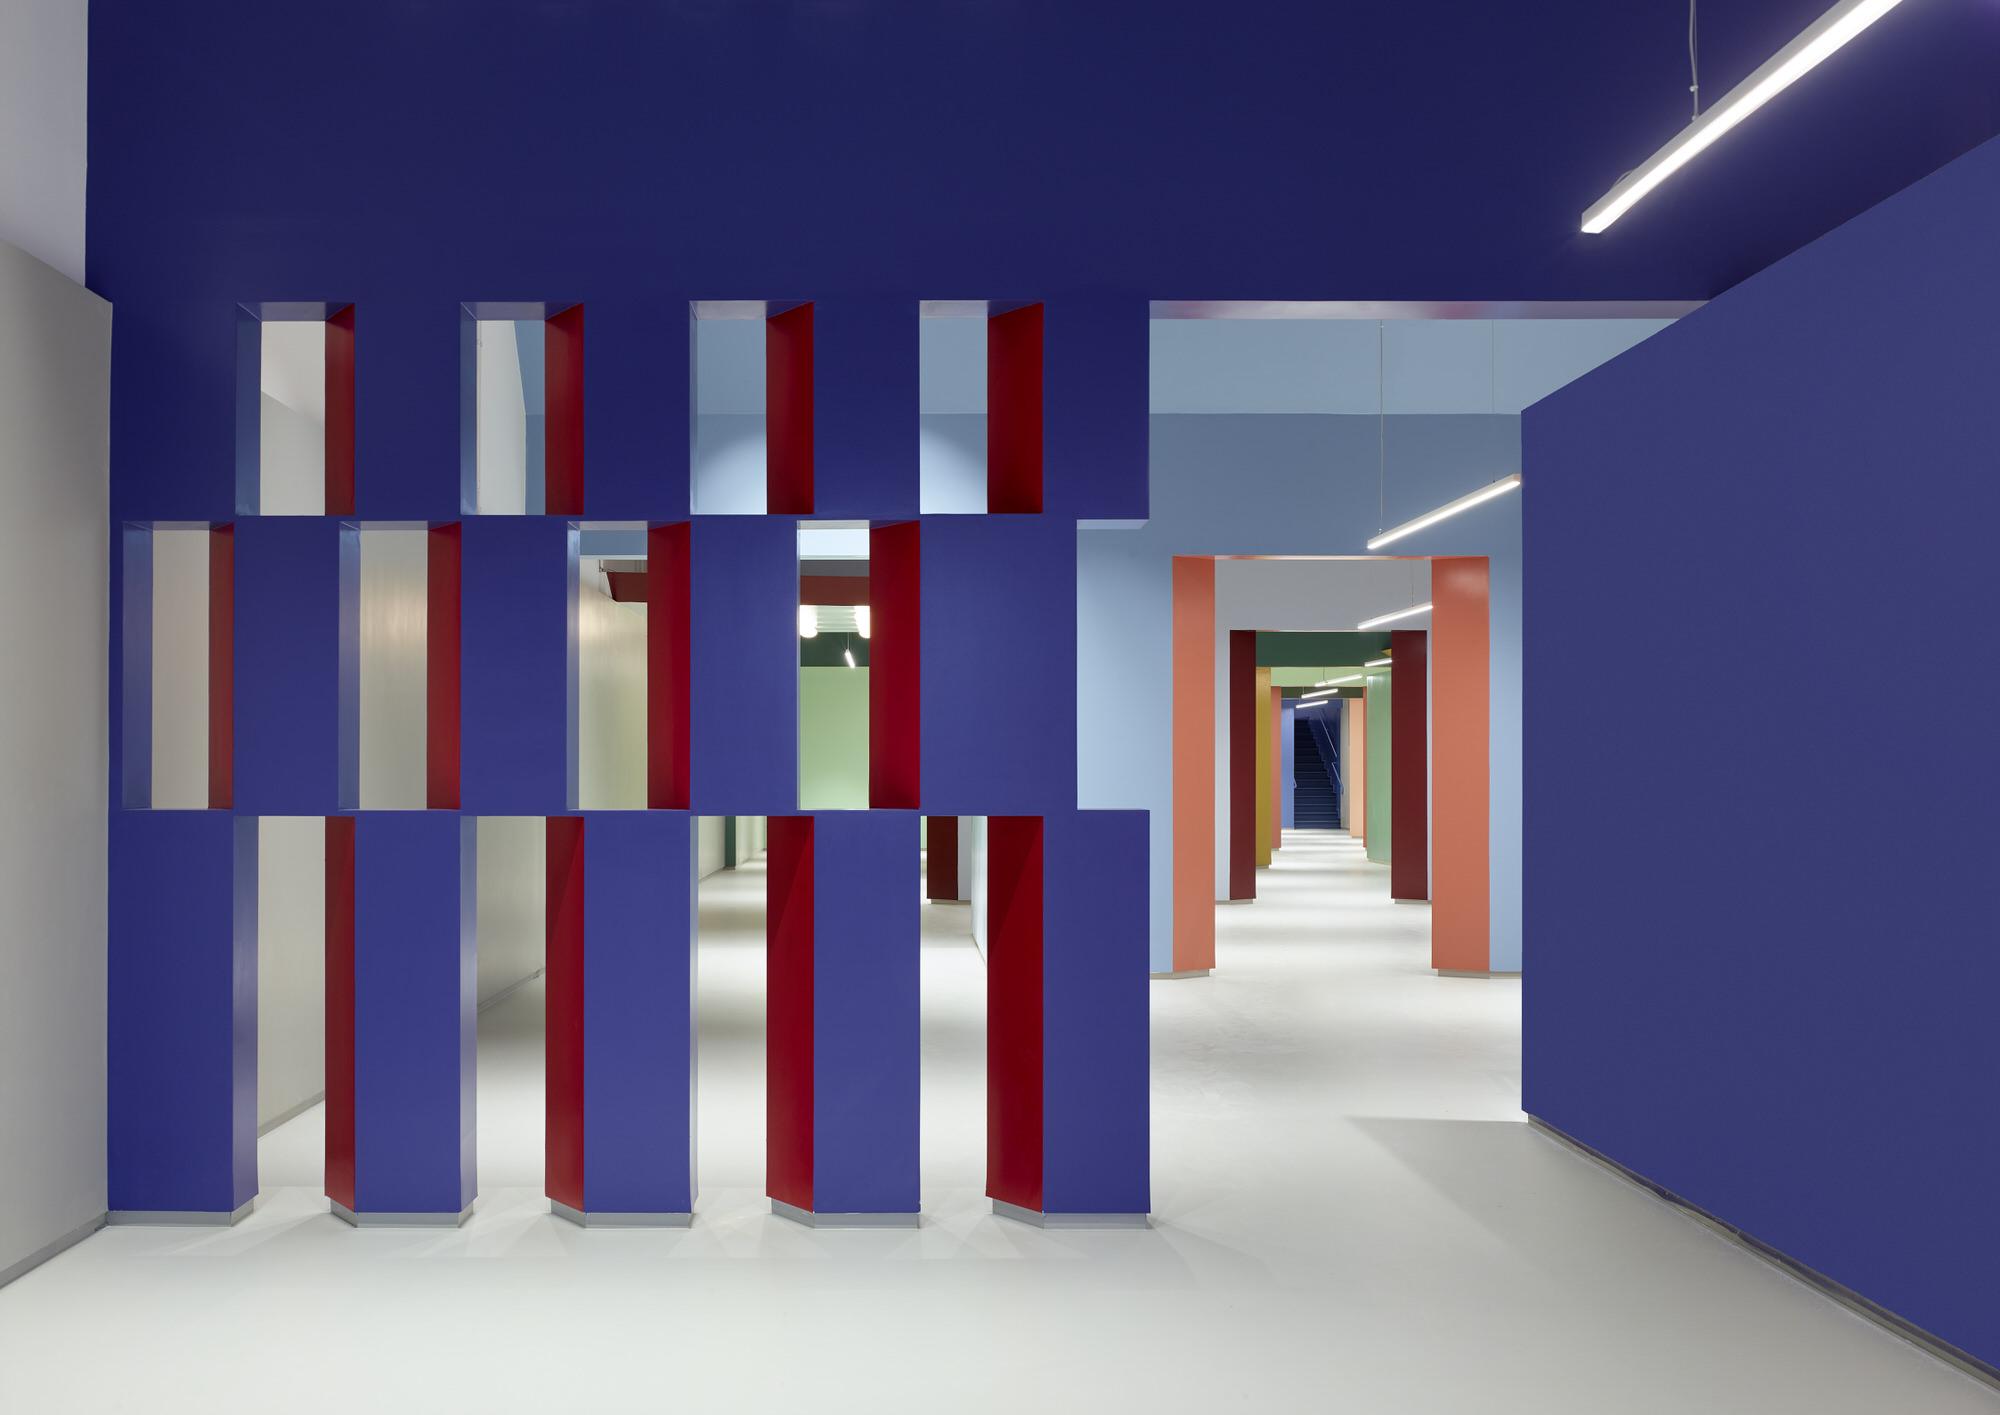 חללים תיאטרליים באולם תצוגה / ברנוביץ גולדברג